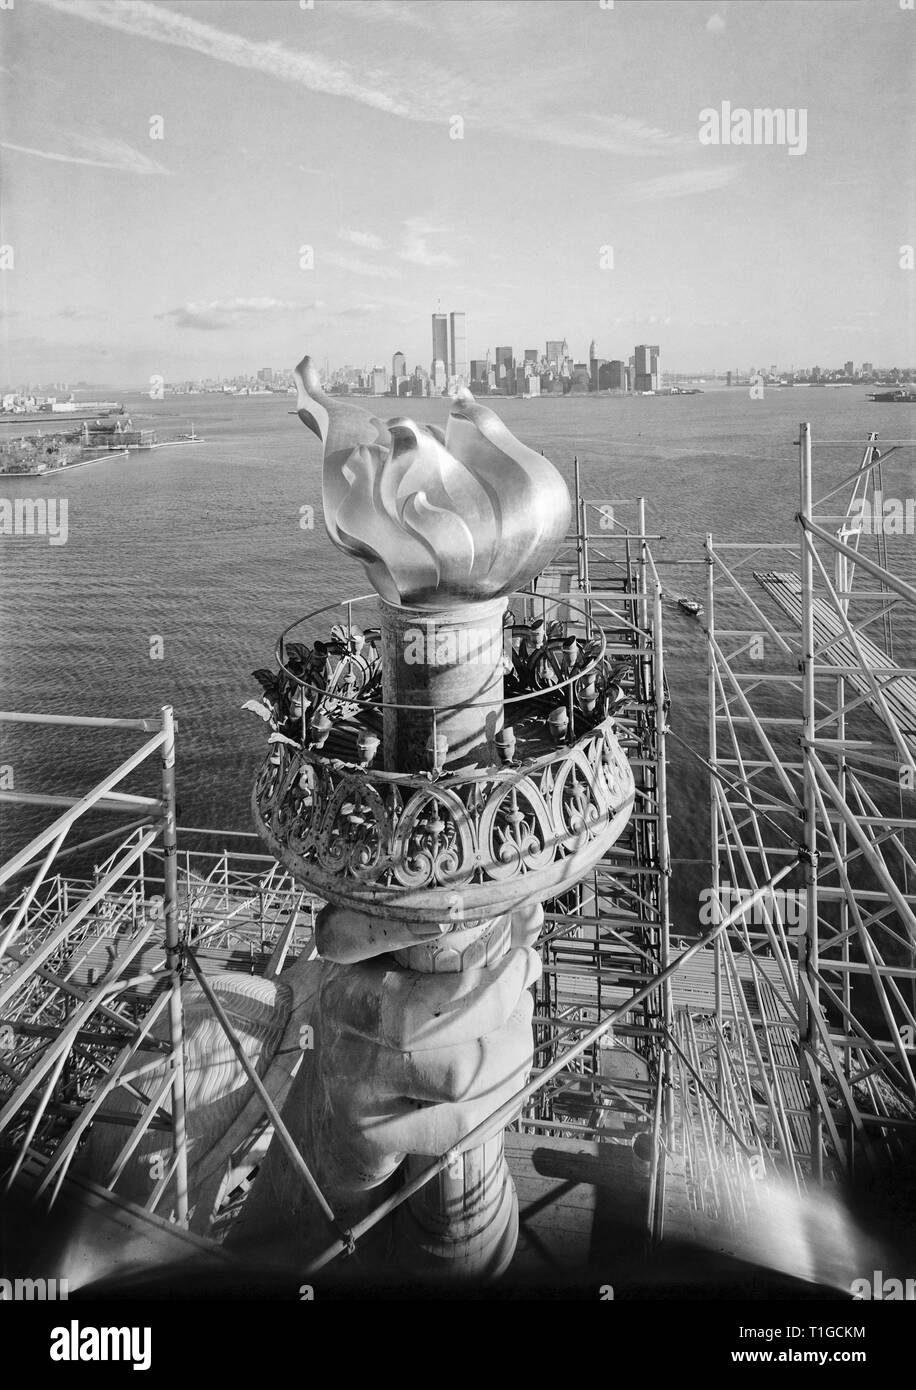 Freiheitsstatue mit neuen Taschenlampe, New York City, 1985 Stockfoto